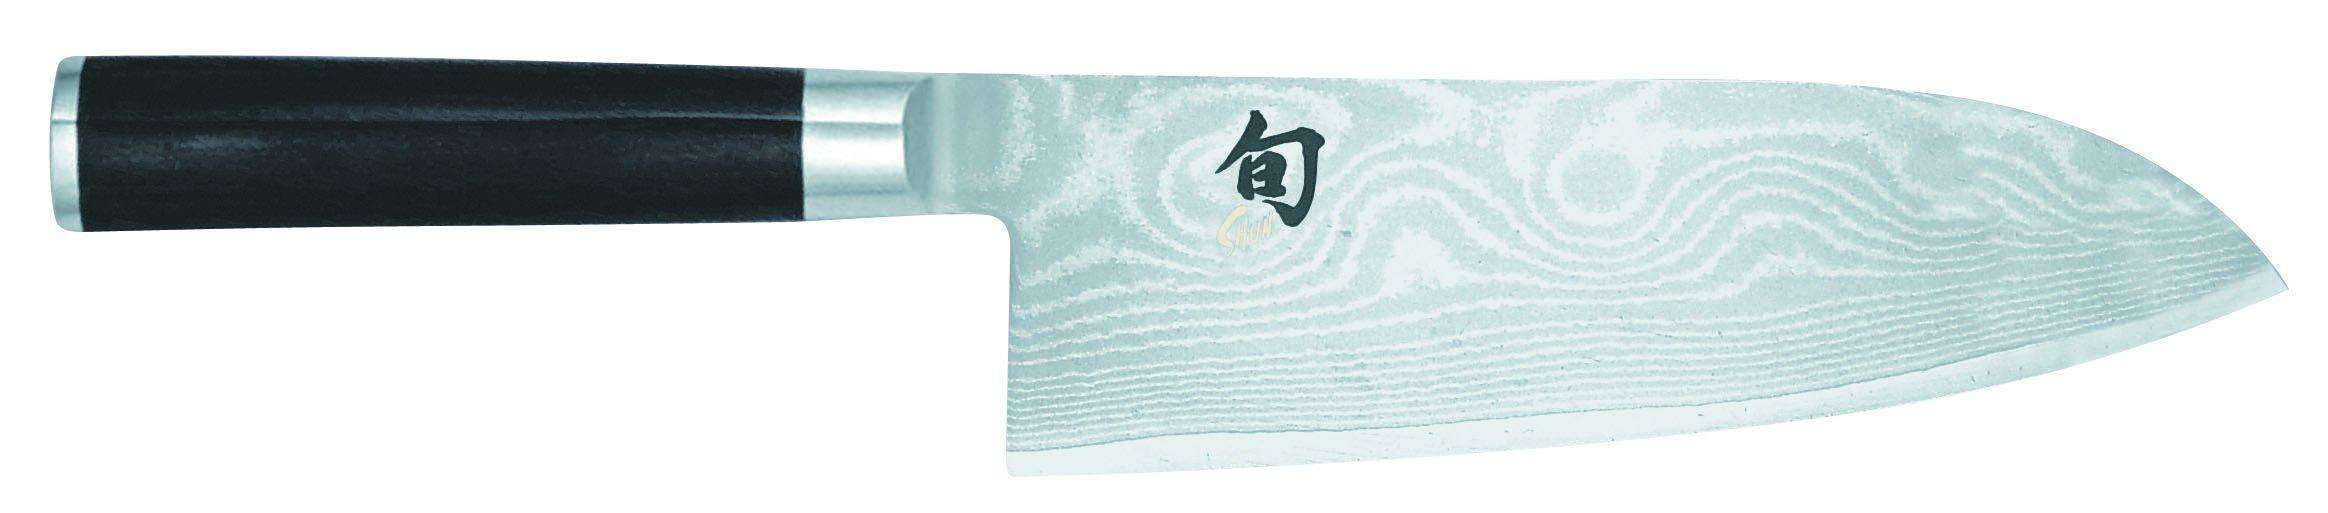 Shun Classic 7 1/2 Inch Wide Santoku